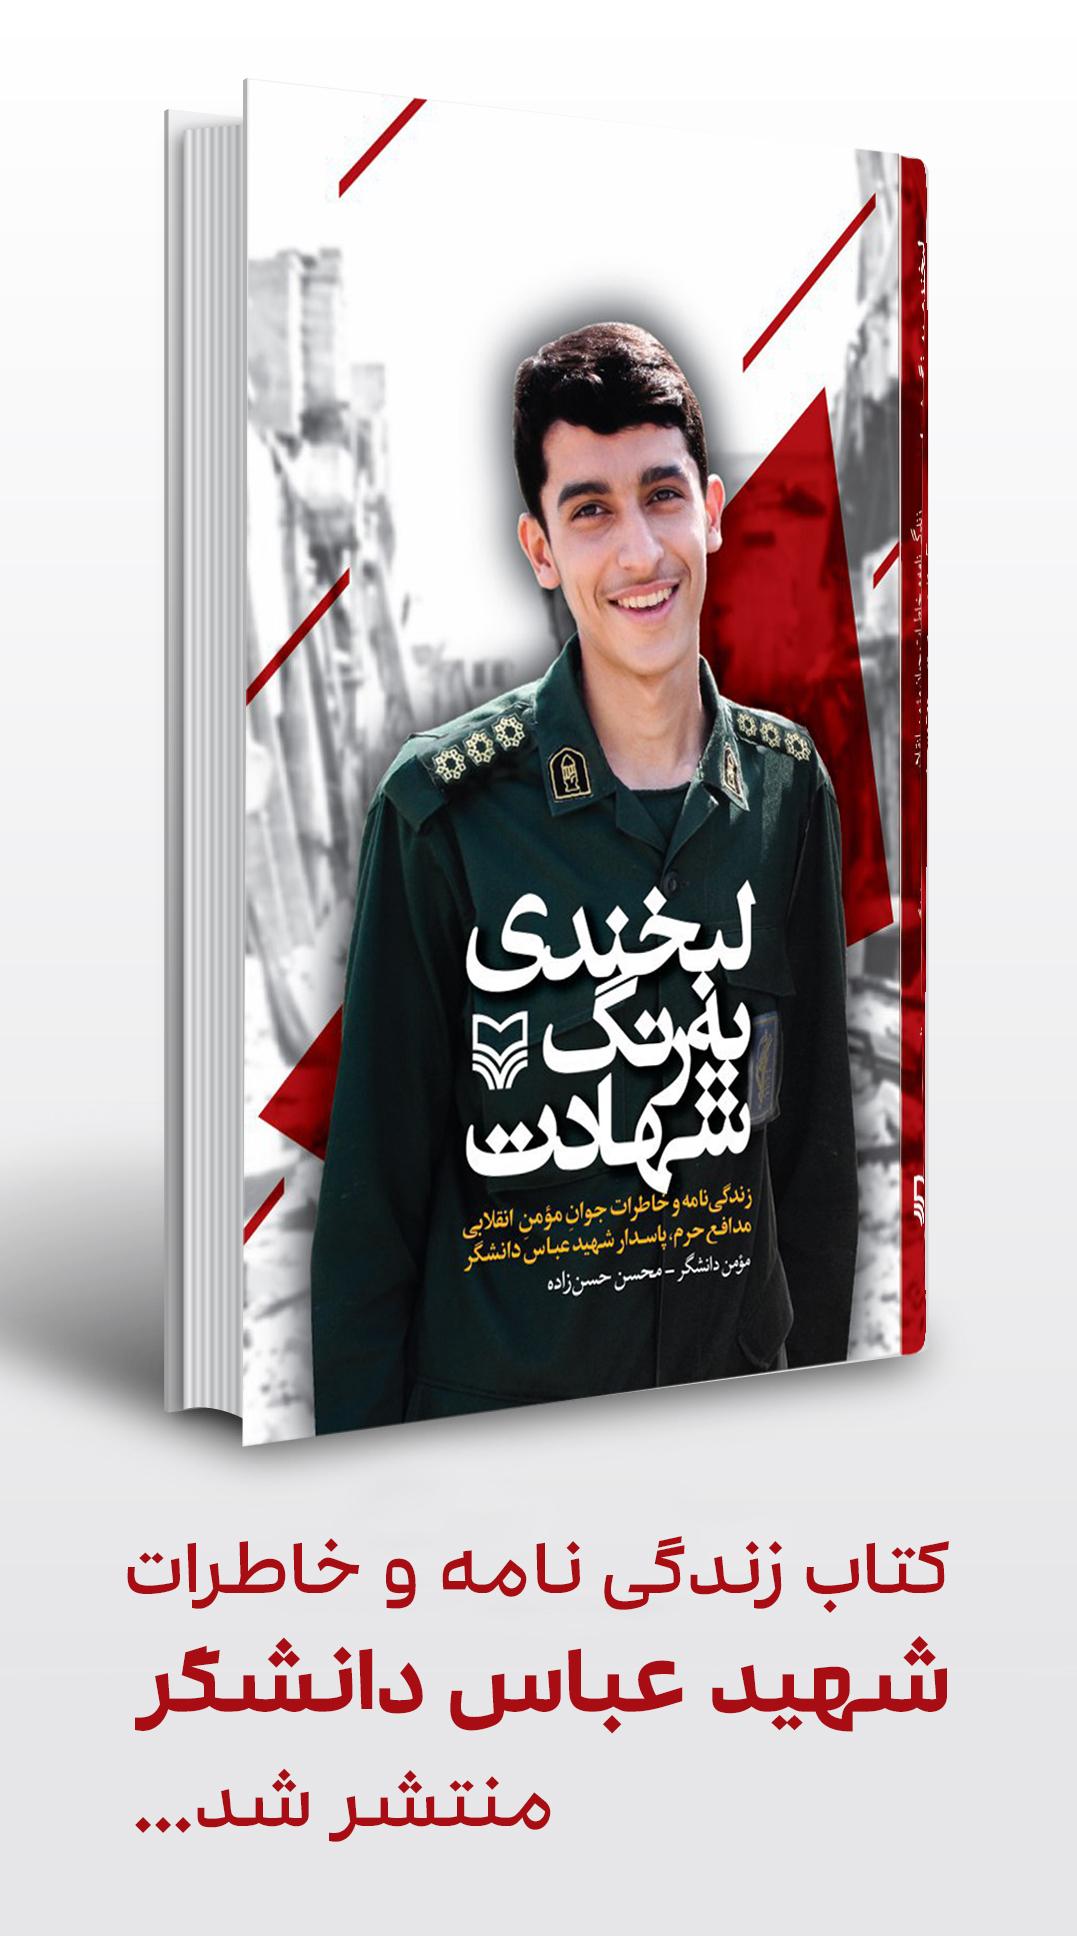 کتاب زندگی نامه و خاطرات شهید عباس دانشگر منتشر شد